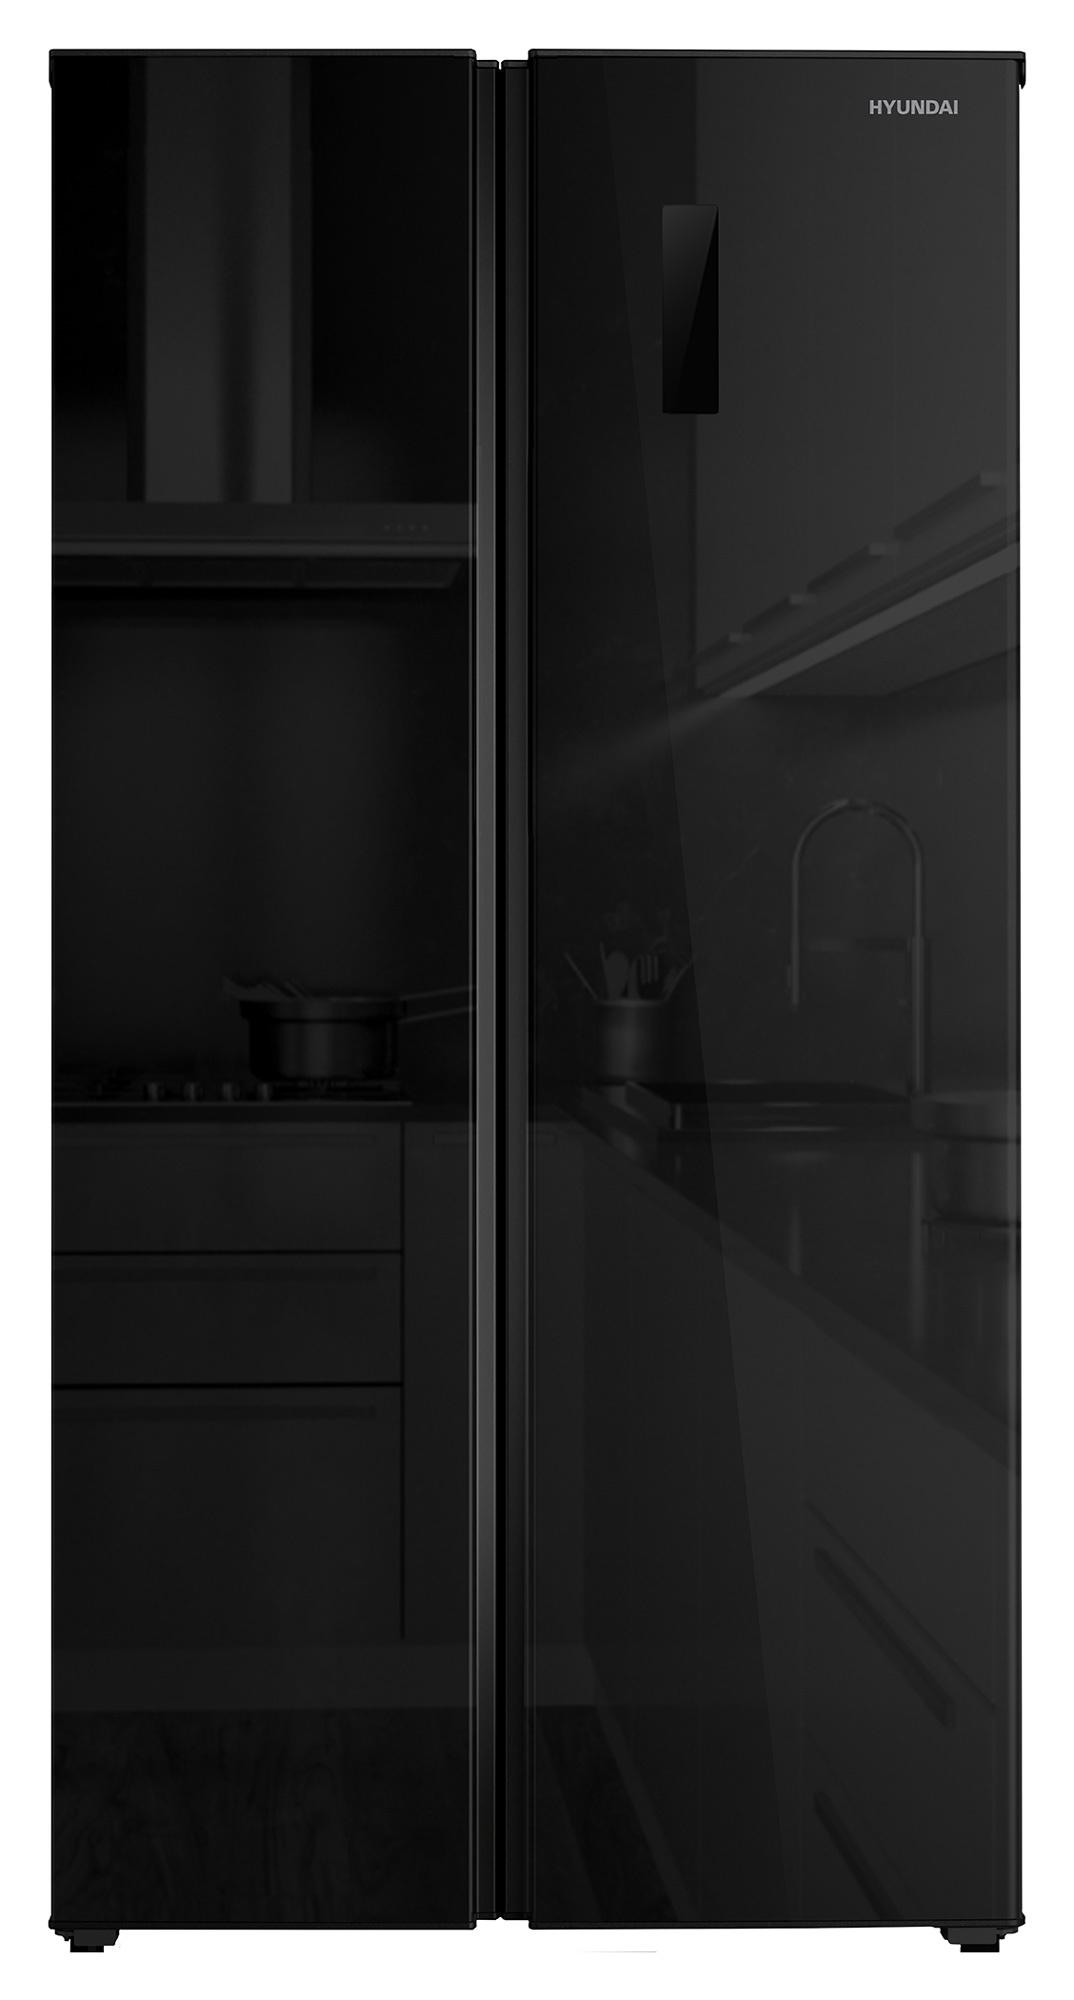 Холодильник Hyundai CS5005FV черное стекло (двухкамерный)